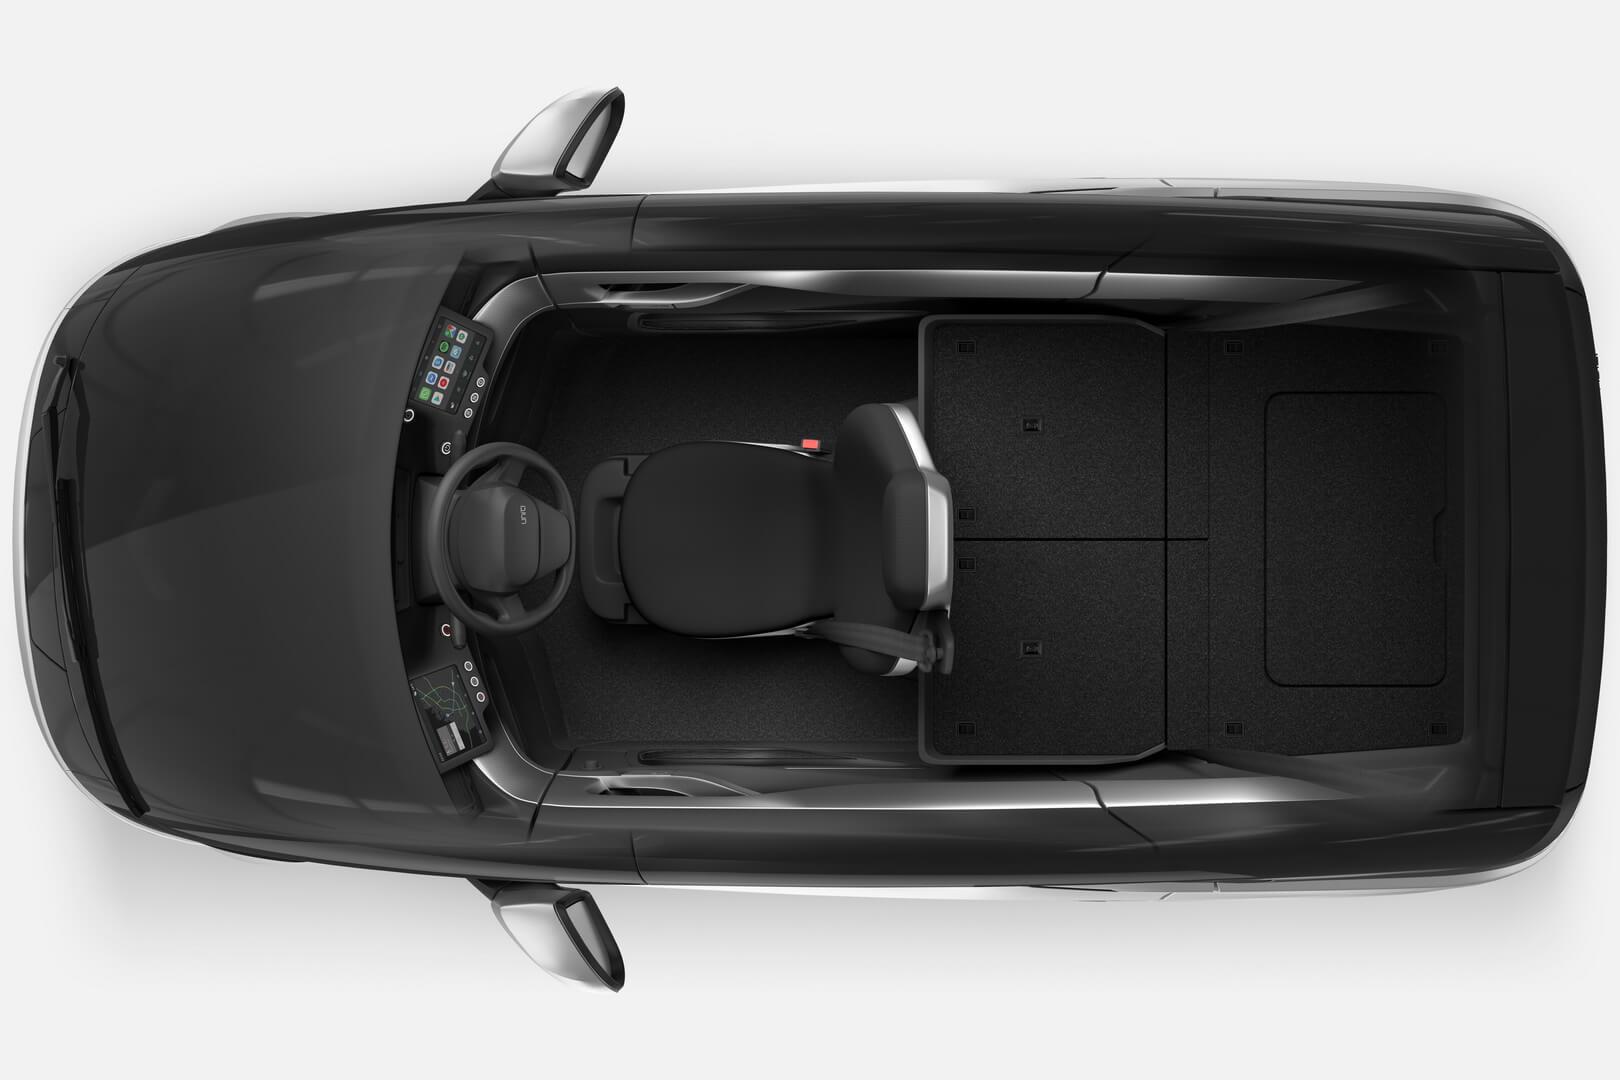 ВOne можно увеличить багажное отделение до760литров, если сложить задние сидения